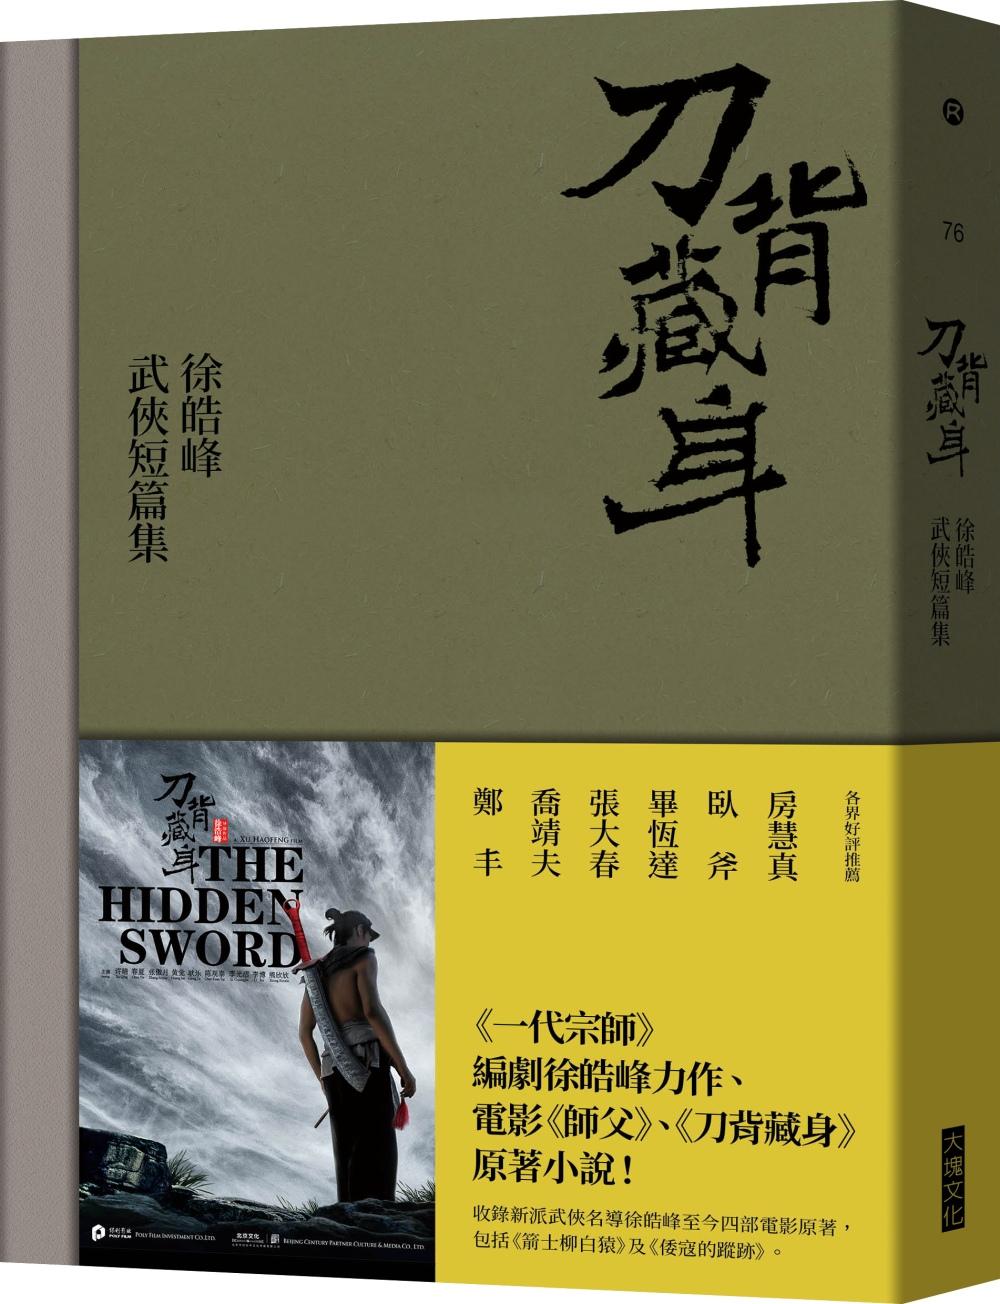 刀背藏身:徐皓峰武俠短篇集